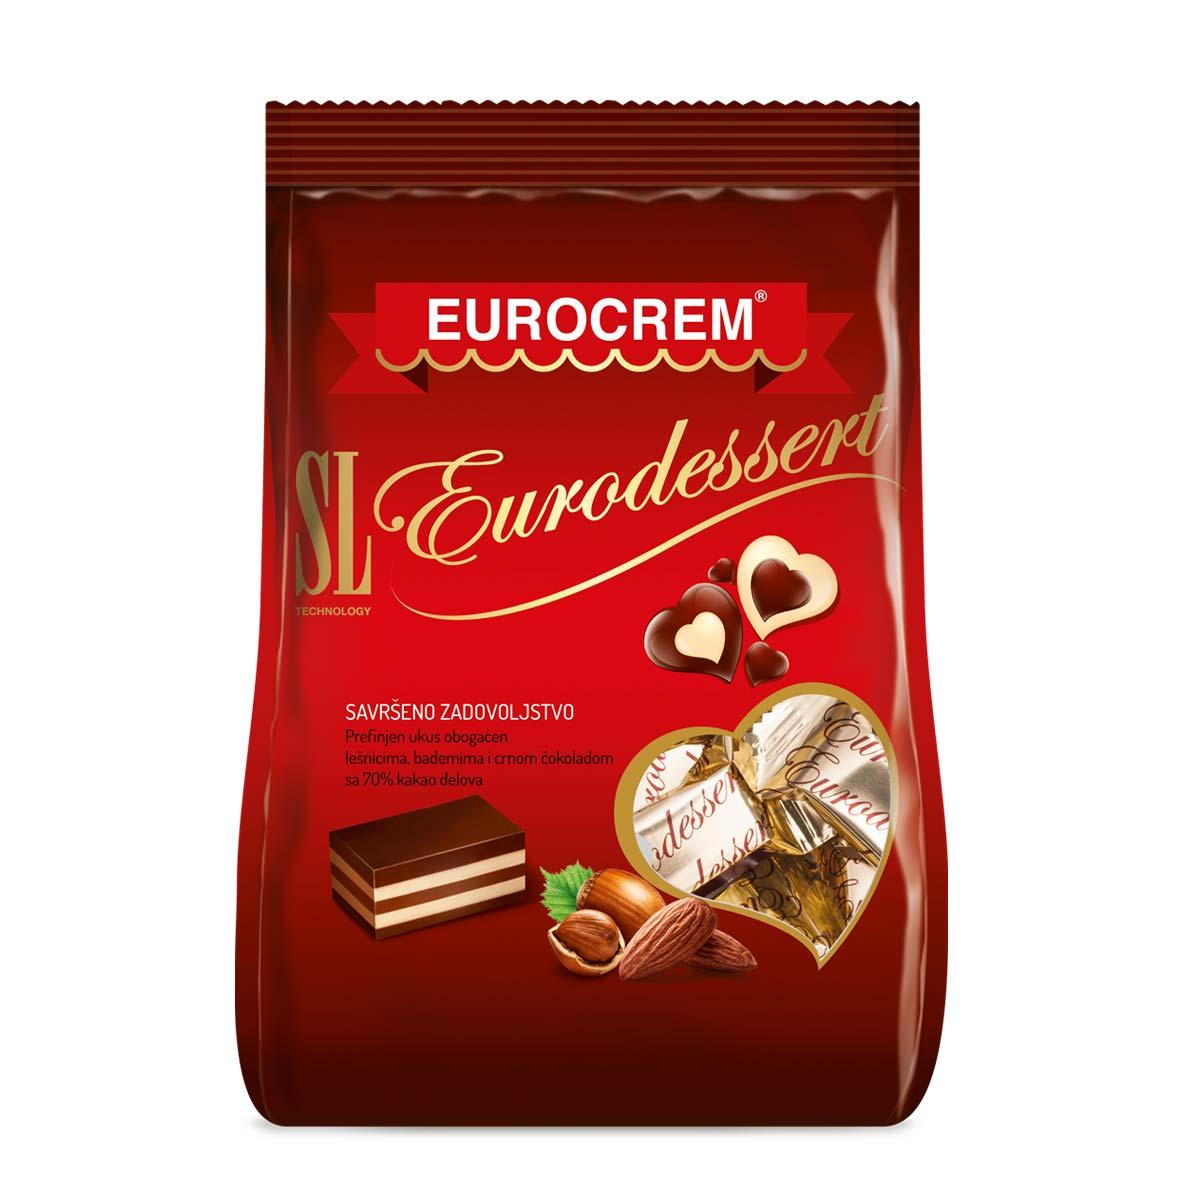 Eurodessert-300g